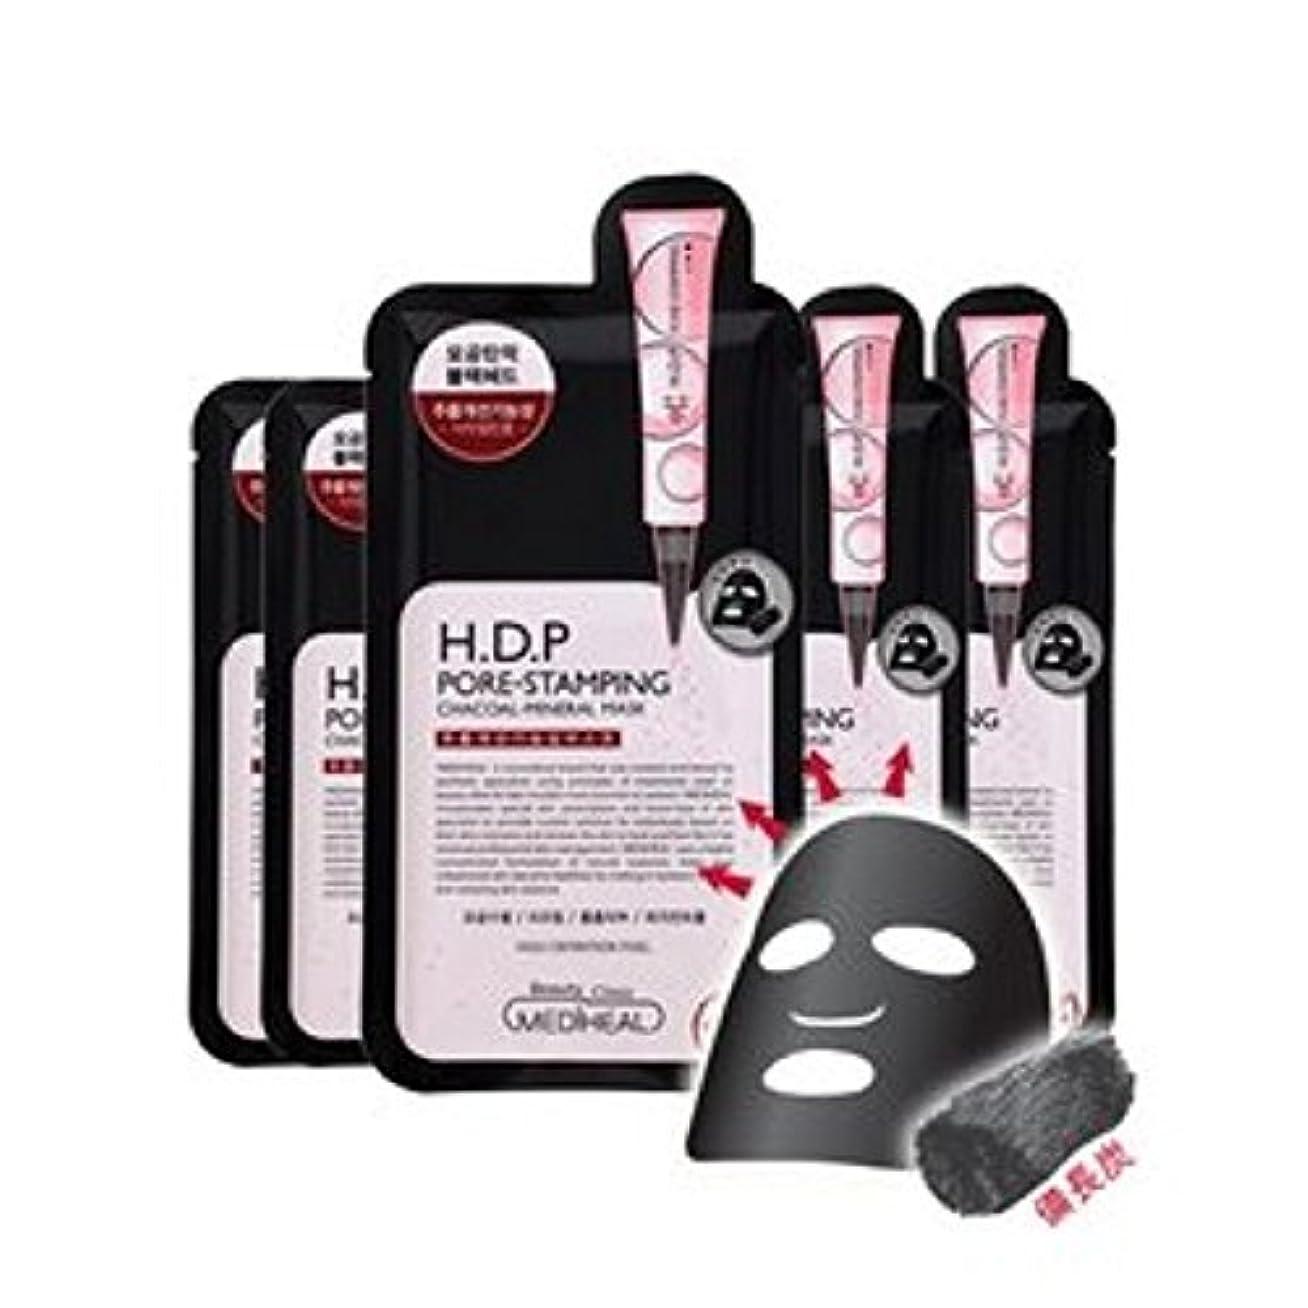 ボクシング高さ政策メディヒール(Mediheal) H.D.P 毛穴スタンプ炭ミネラルマスク Pore stamping Charcoal mineral mask (10枚) [海外直送品][並行輸入品]